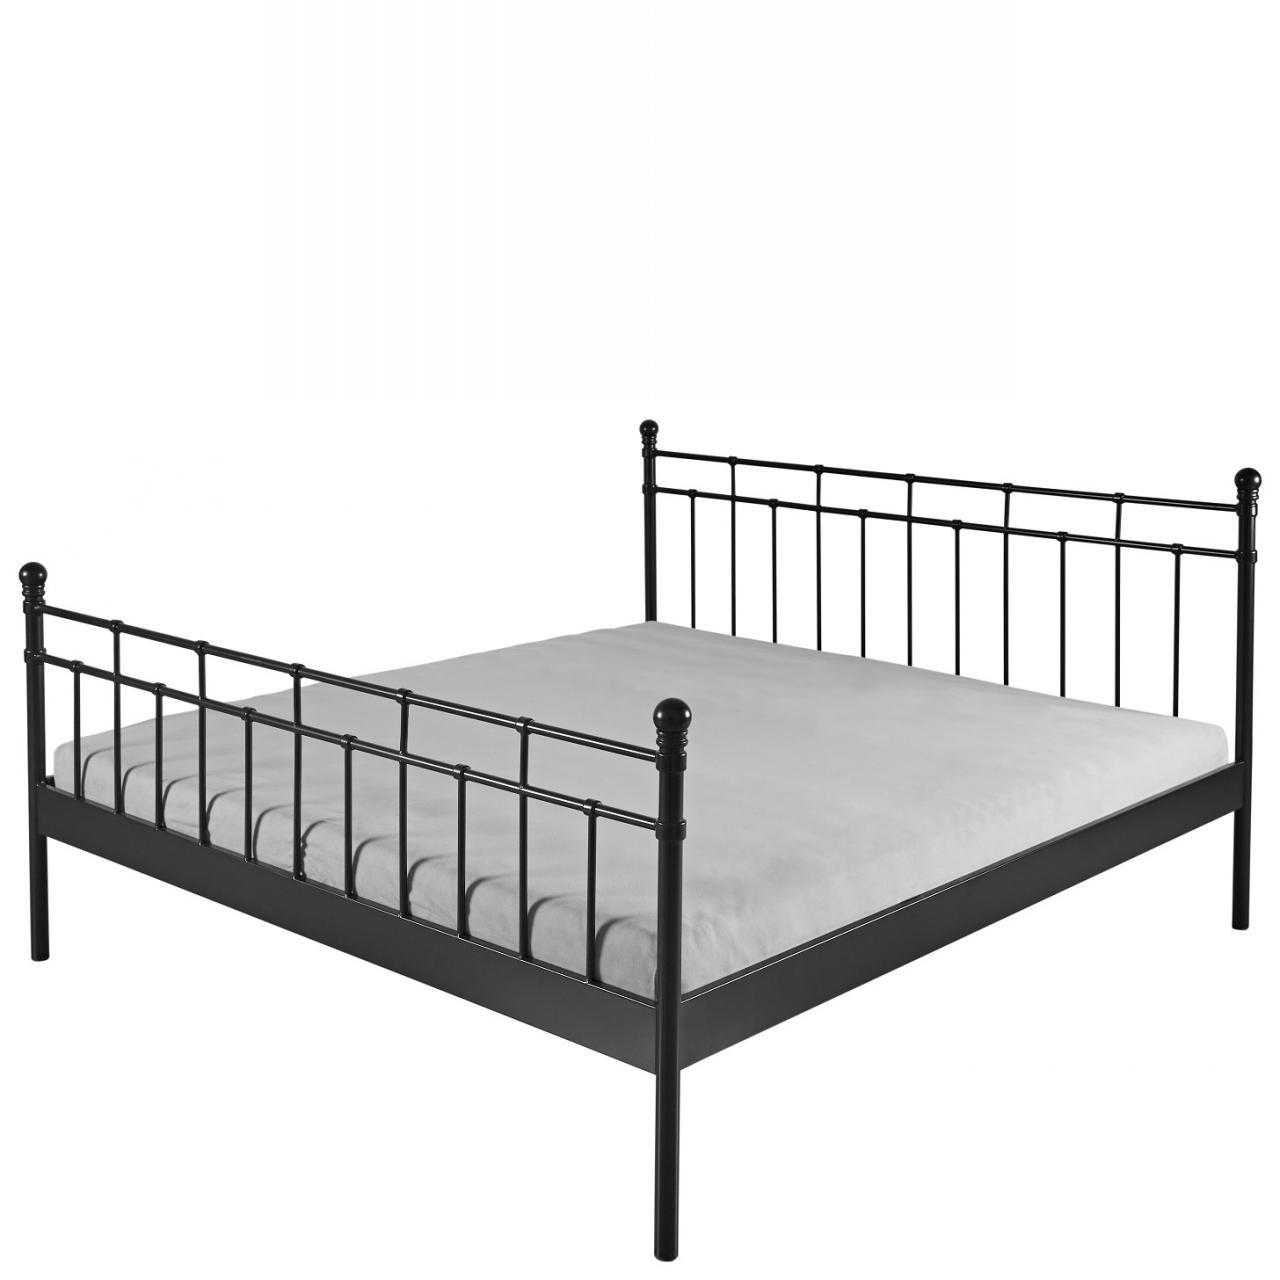 Full Size of Doppelbett Verena Metall Schwarz 140x200 Gstebett Schlafzimmer Bett Kopfteil Selber Machen Musterring Betten De Flexa Ottoversand Konfigurieren Box Spring Bett Bett Metall